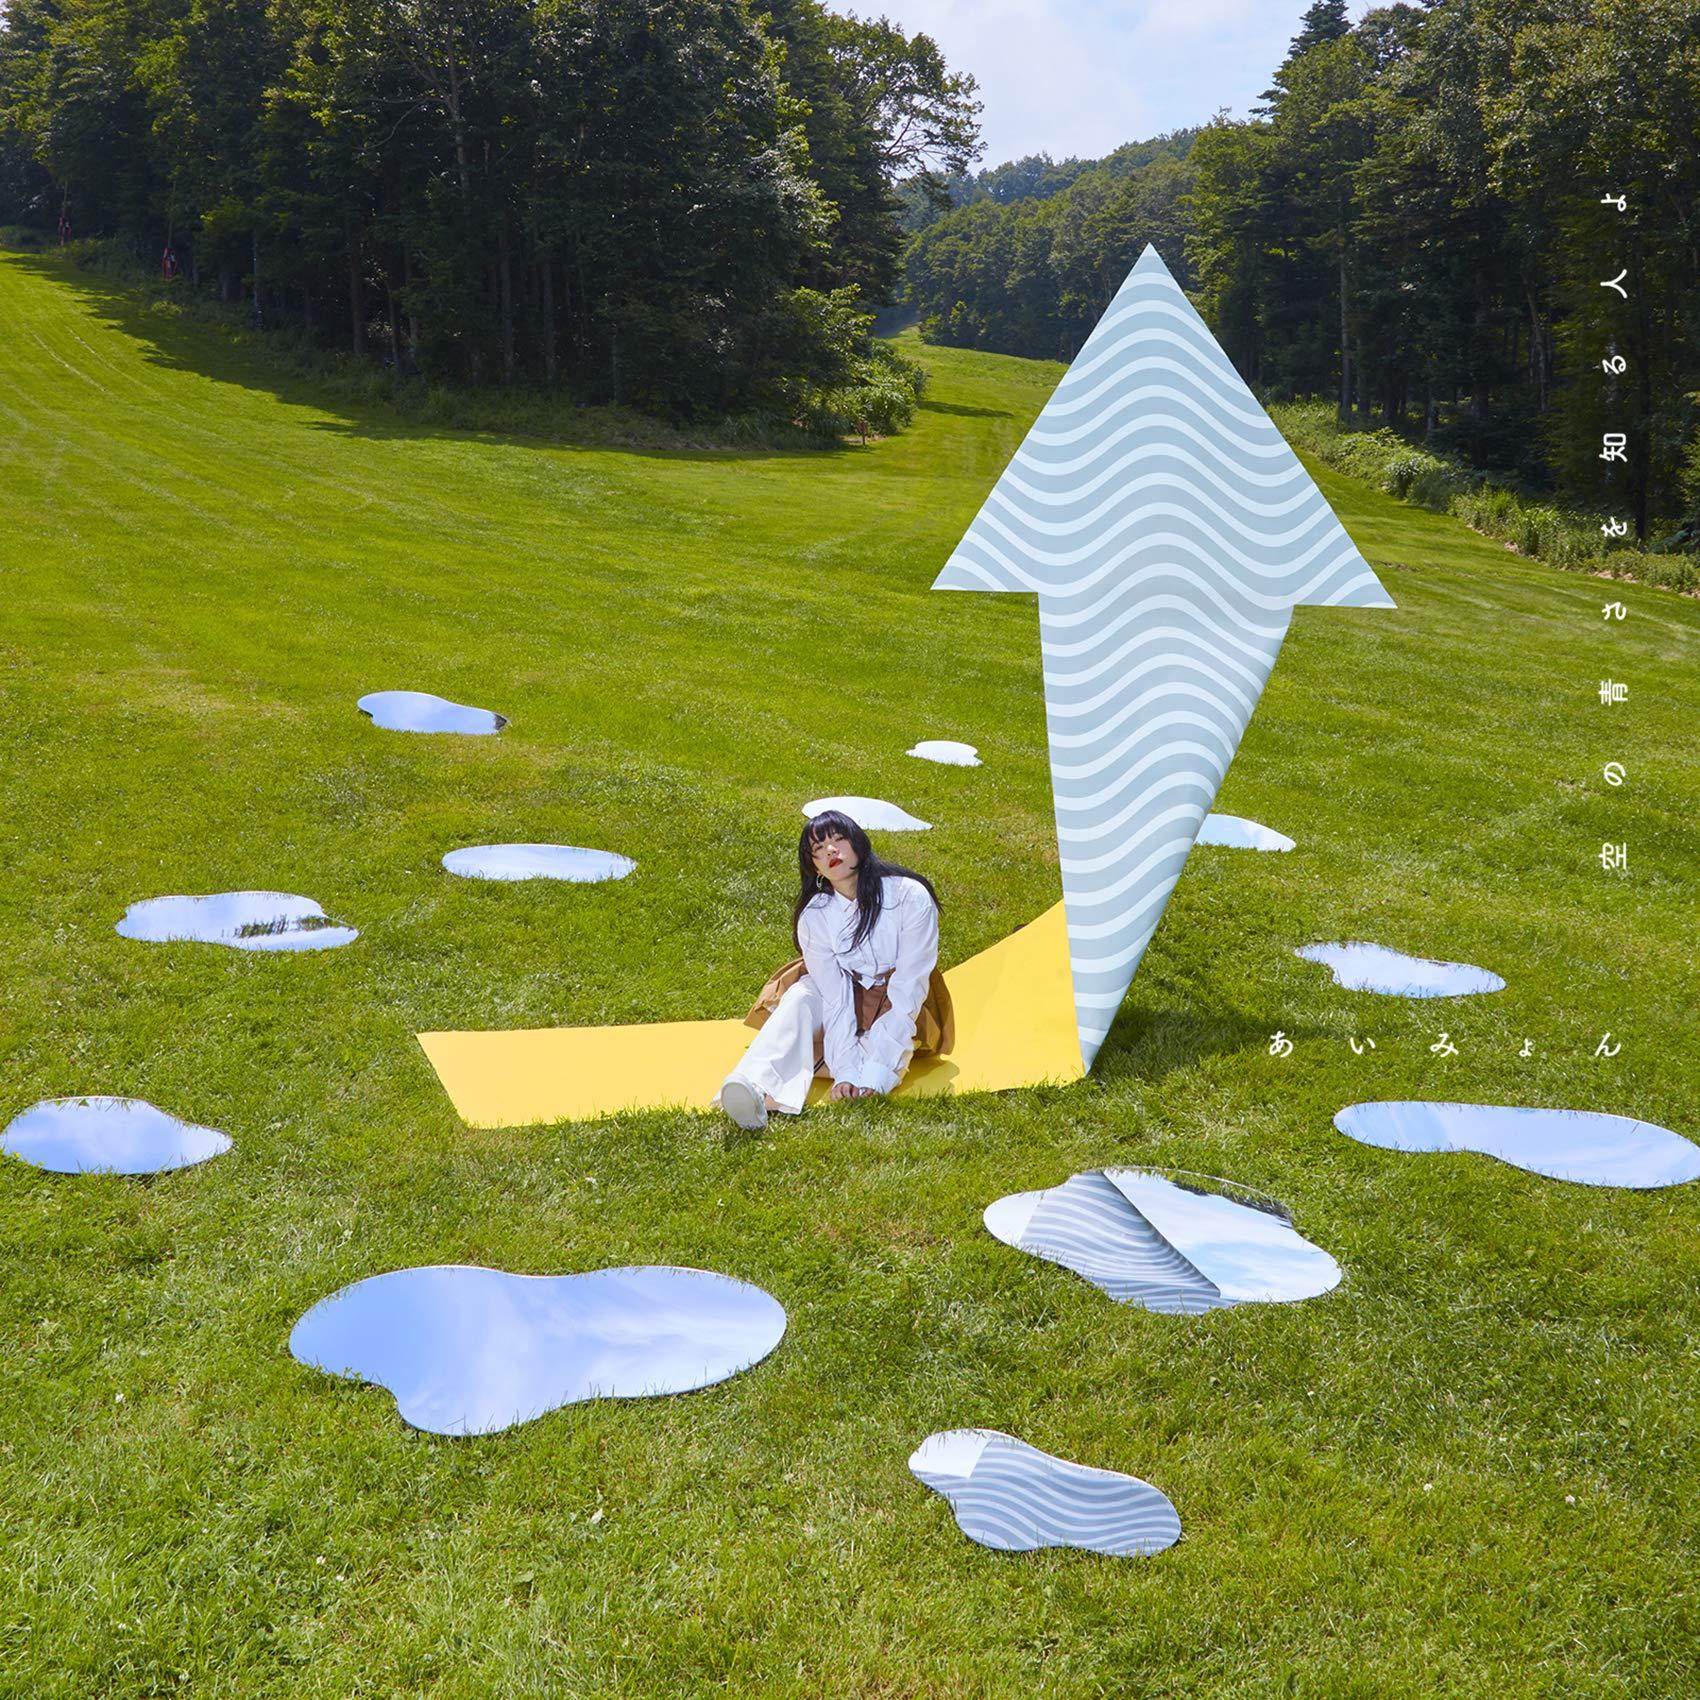 あいみょん Ipad壁紙 空の青さを知る人よ 女性タレント スマホ用画像